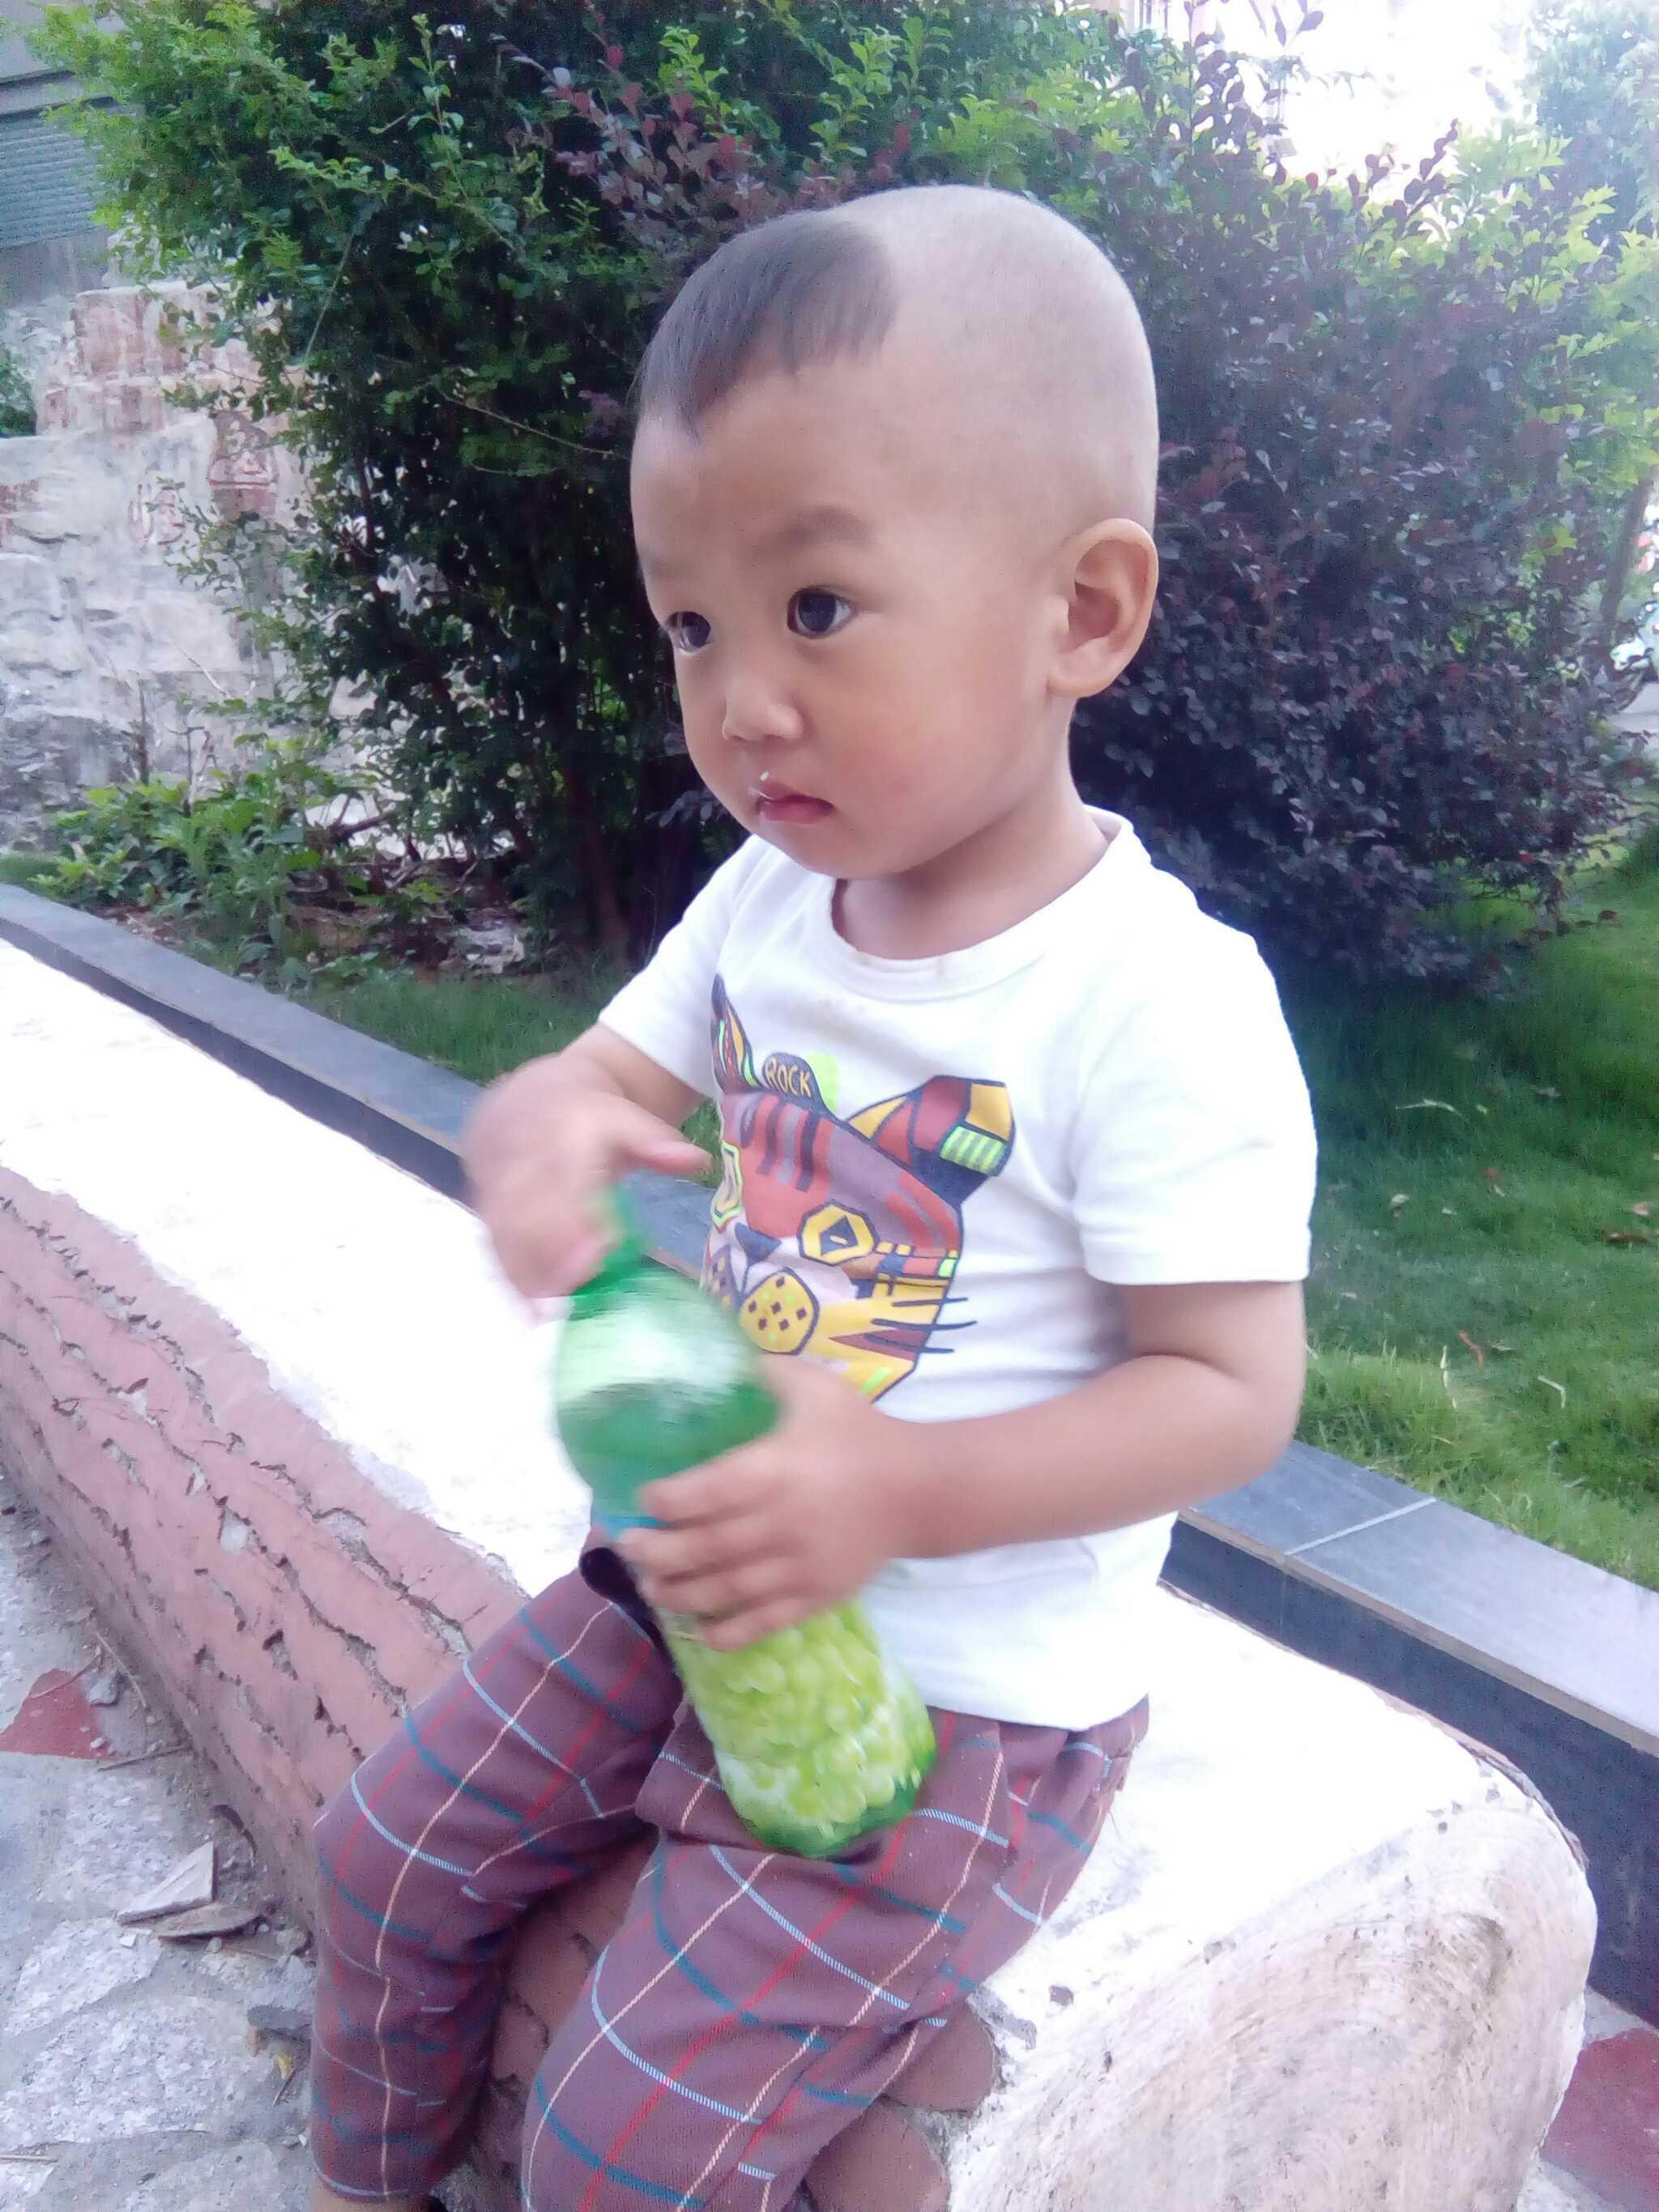 宝宝两岁七个月了,还说话不清楚